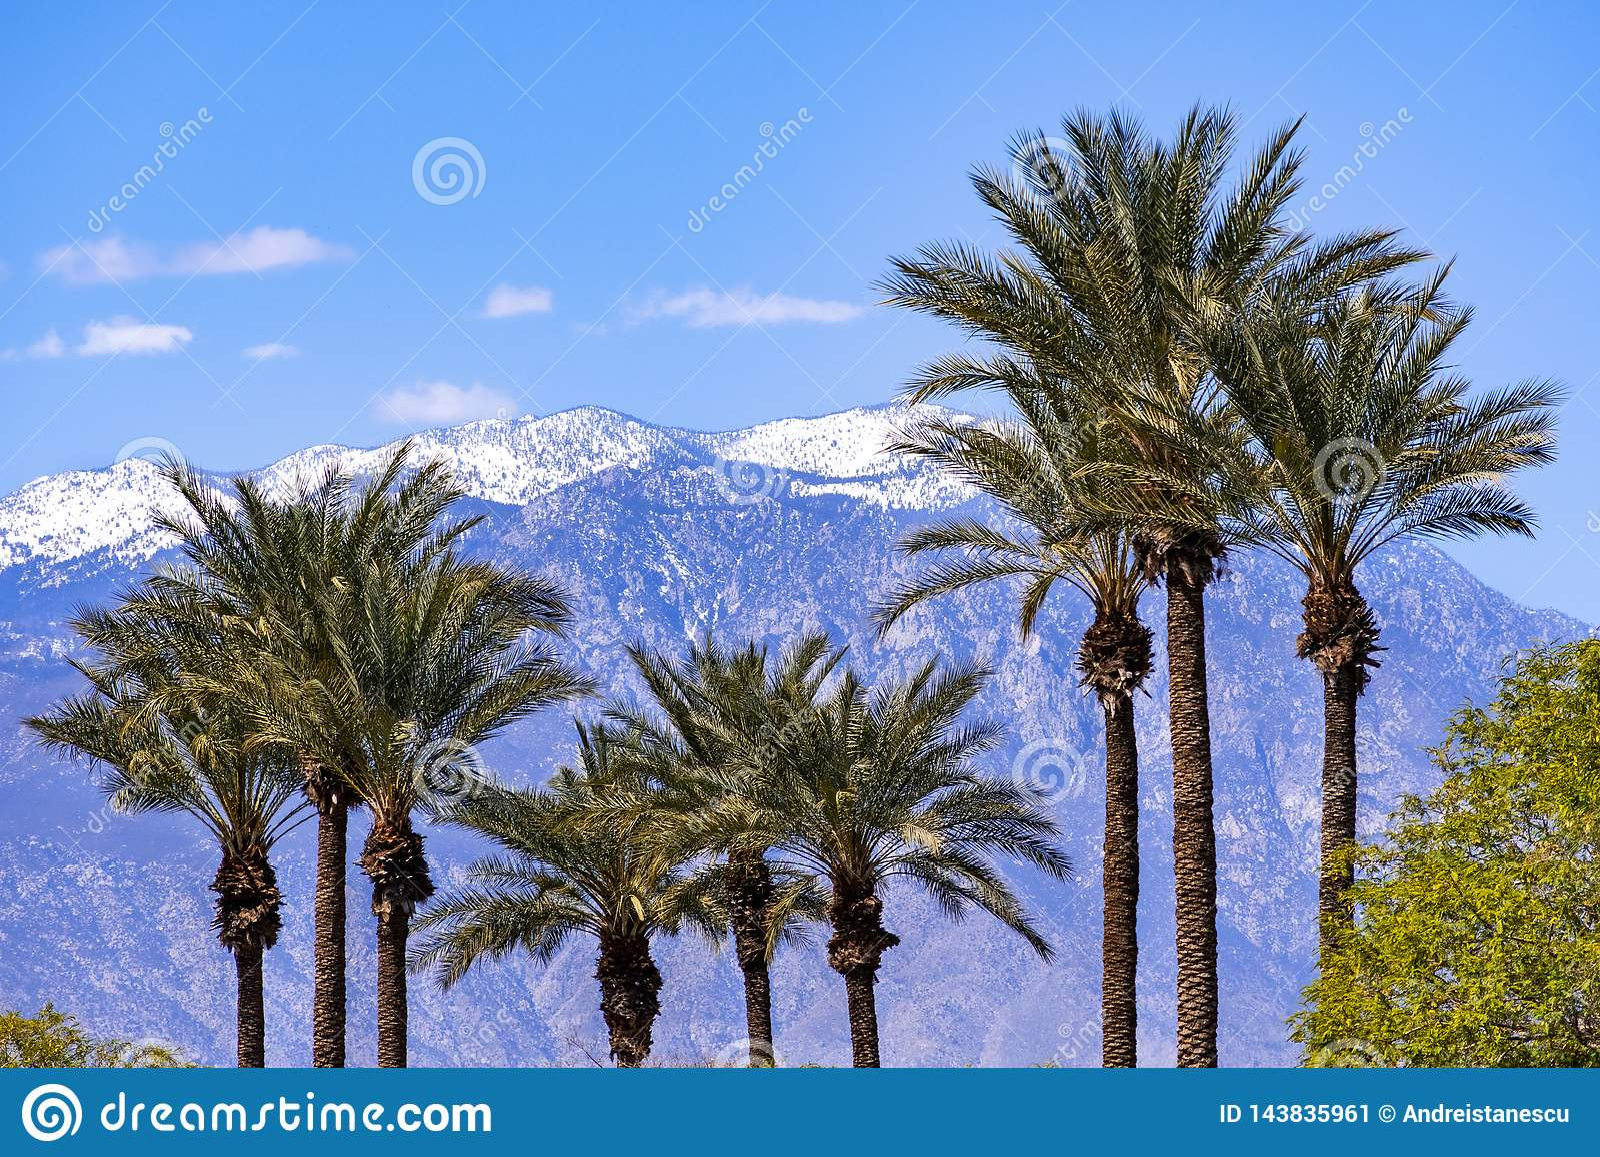 Φοίνικες και τα χιονισμένα βουνά SAN Jacinto, Παλμ Σπρινγκς, κοιλάδα Coachella, Καλιφόρνια